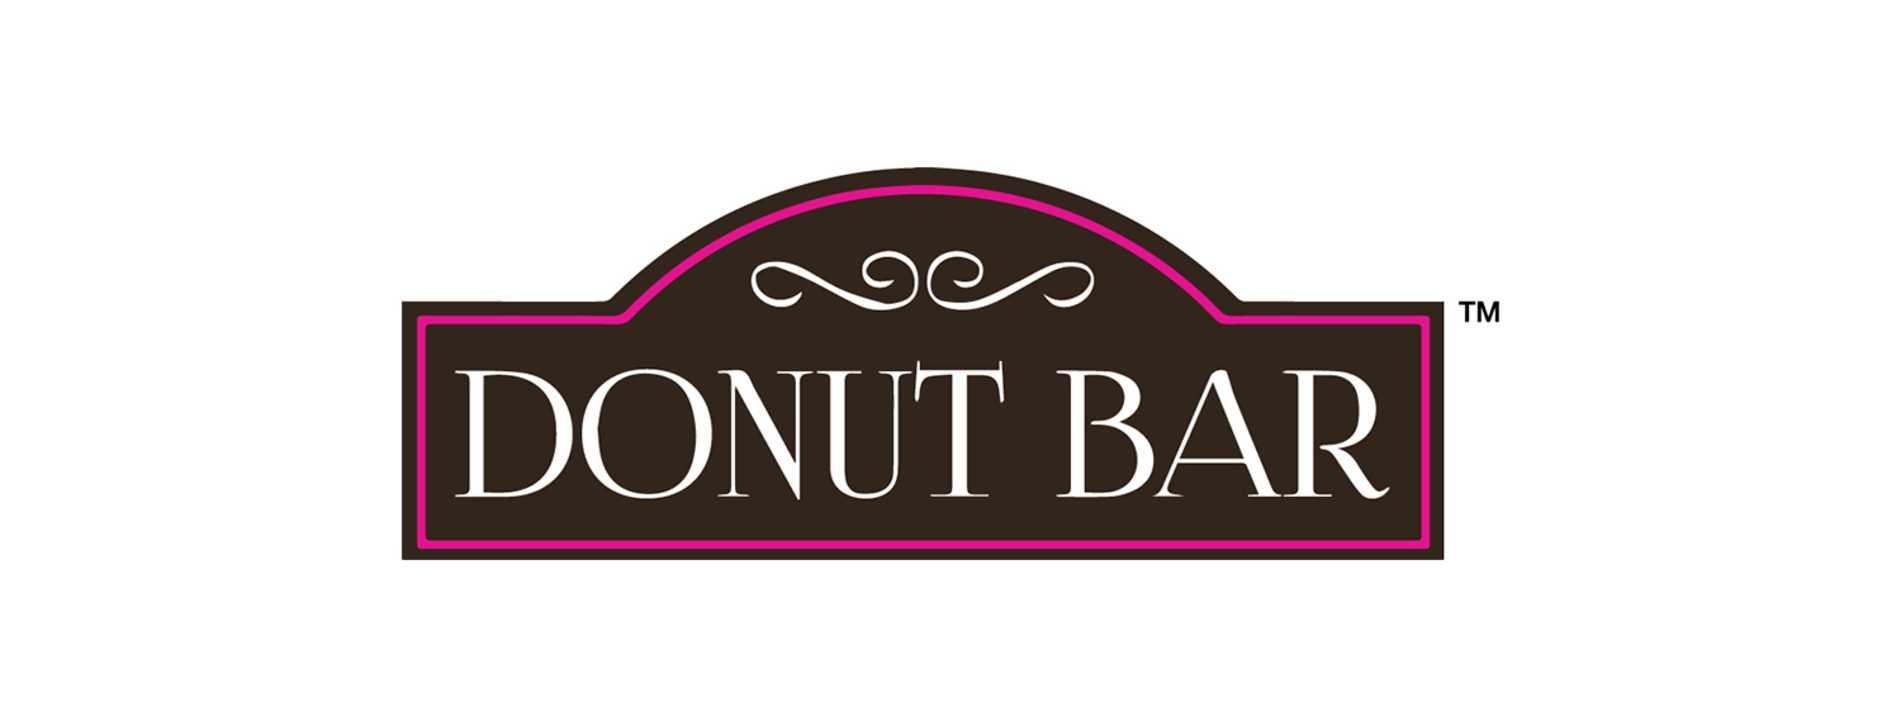 Donut Bar Temecula Logo